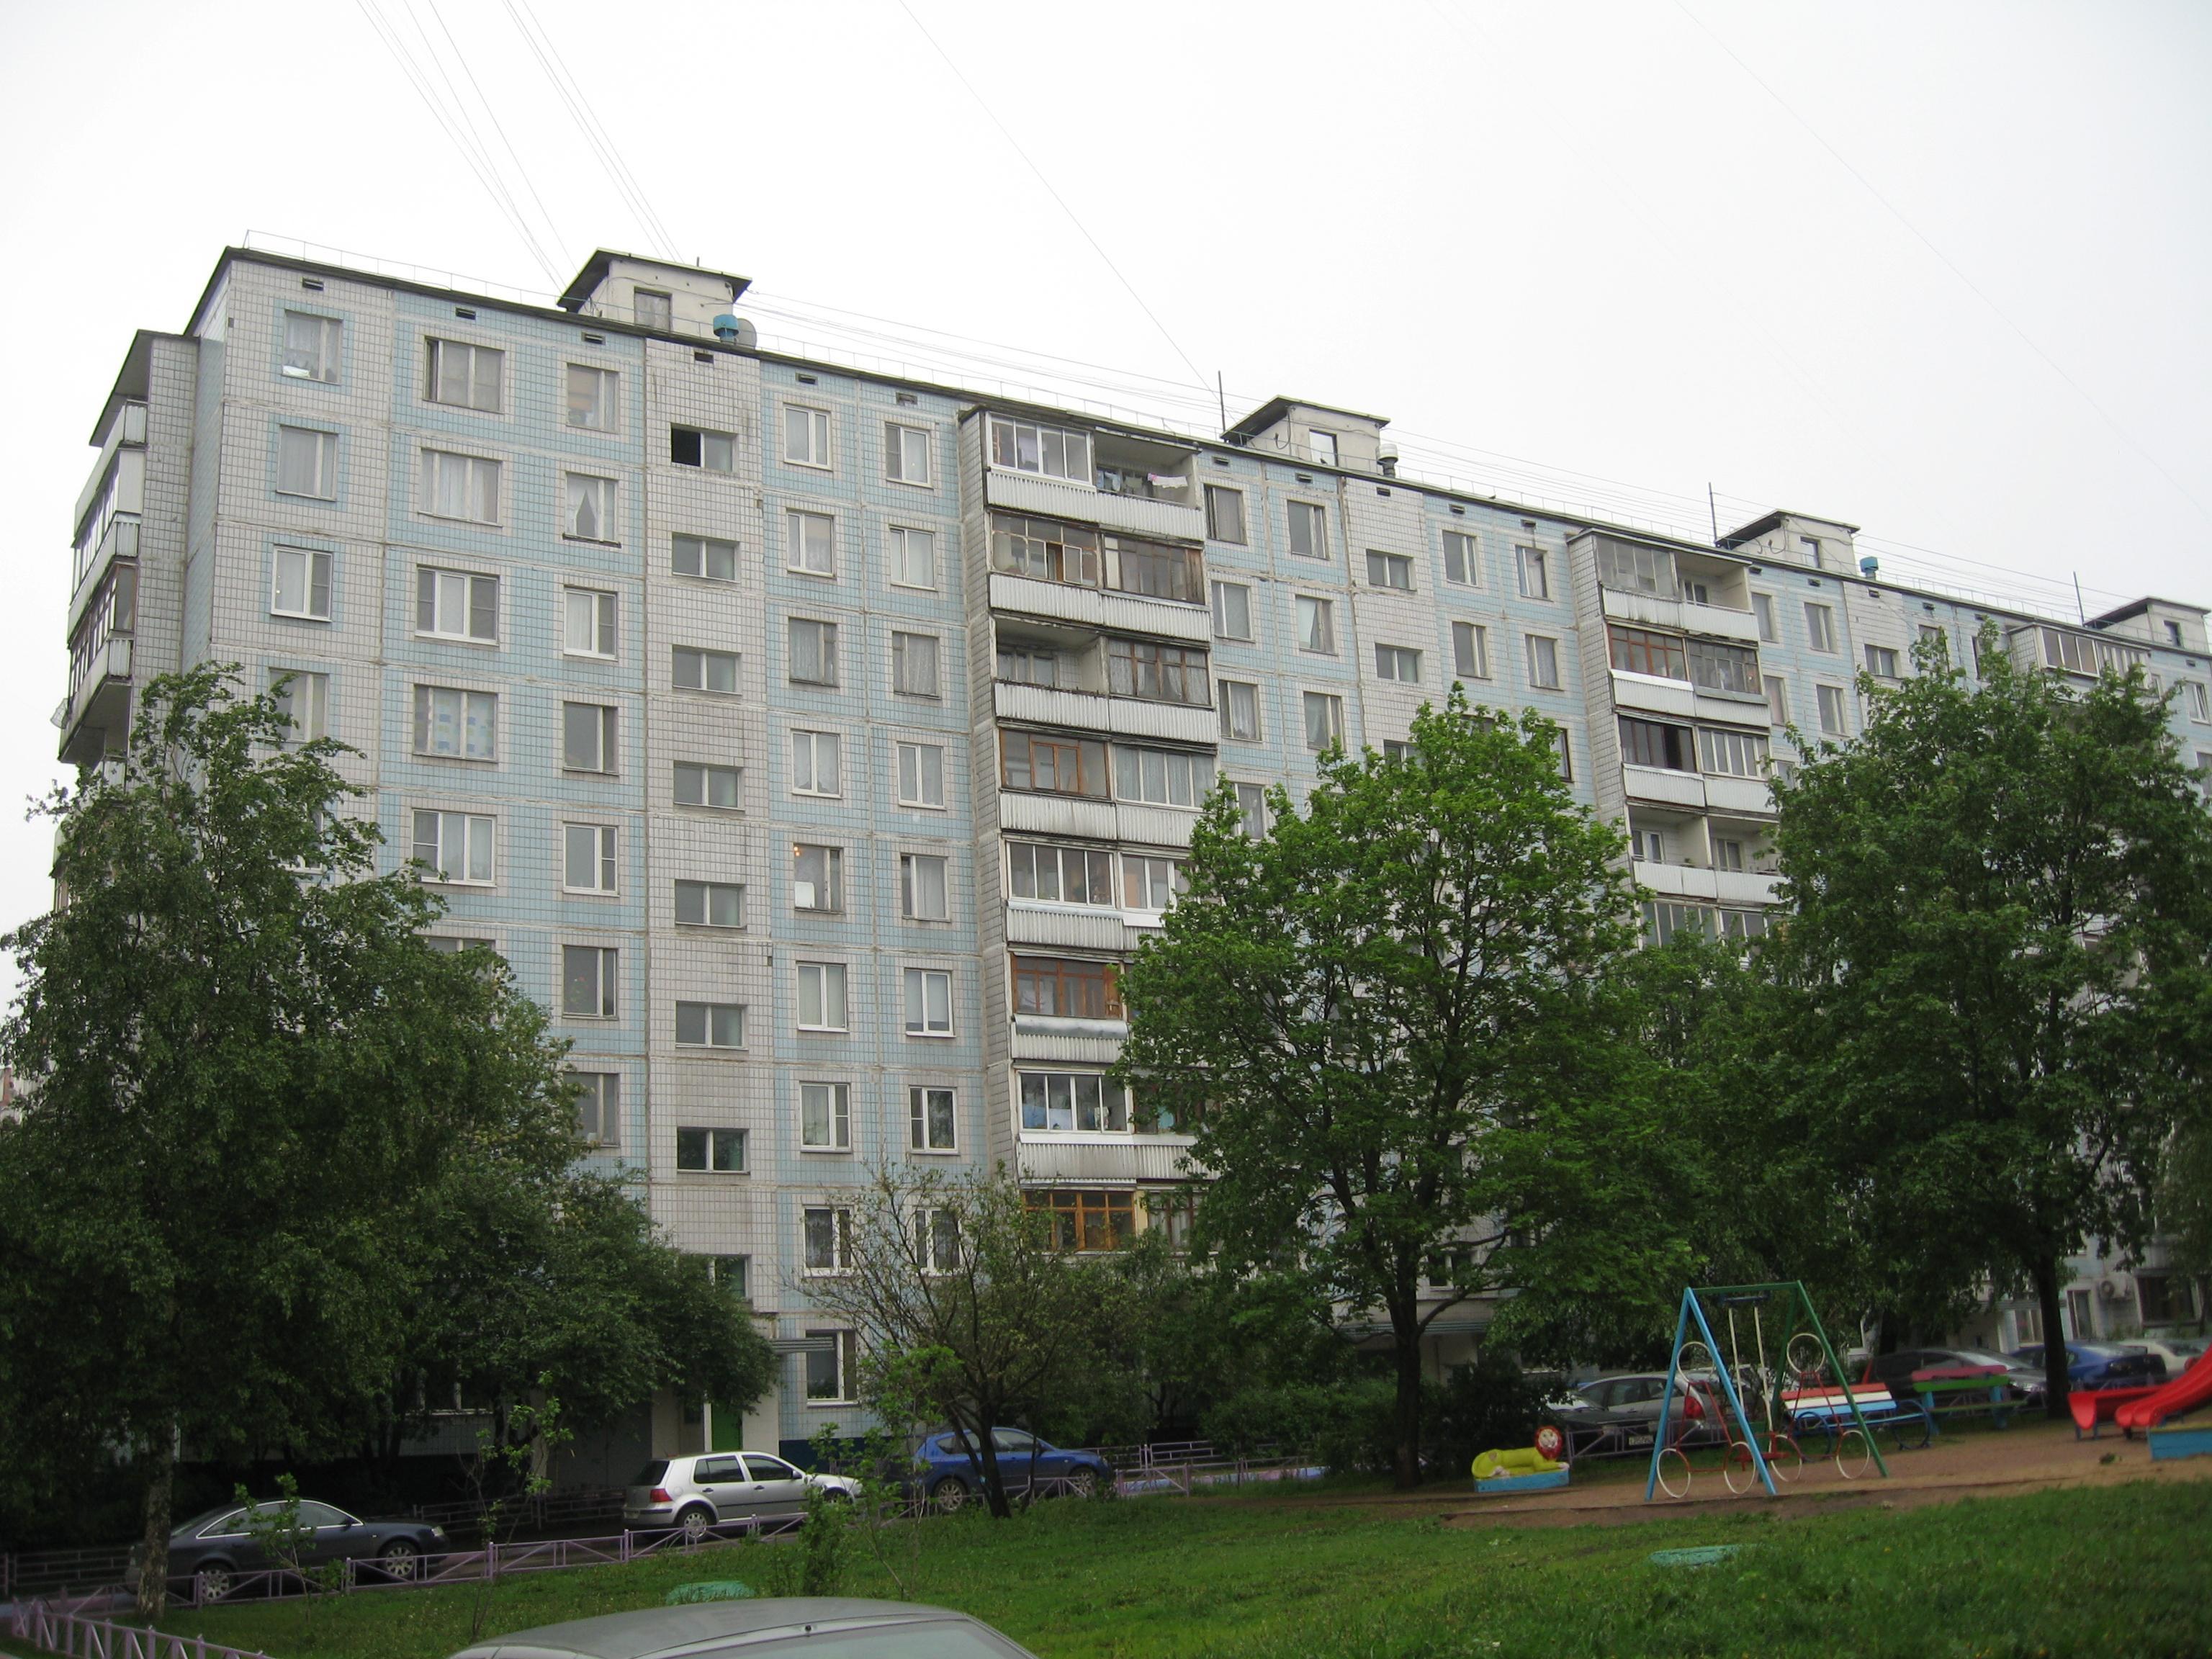 Балкон в доме серии ii-49 фото, видео, цена остекления.